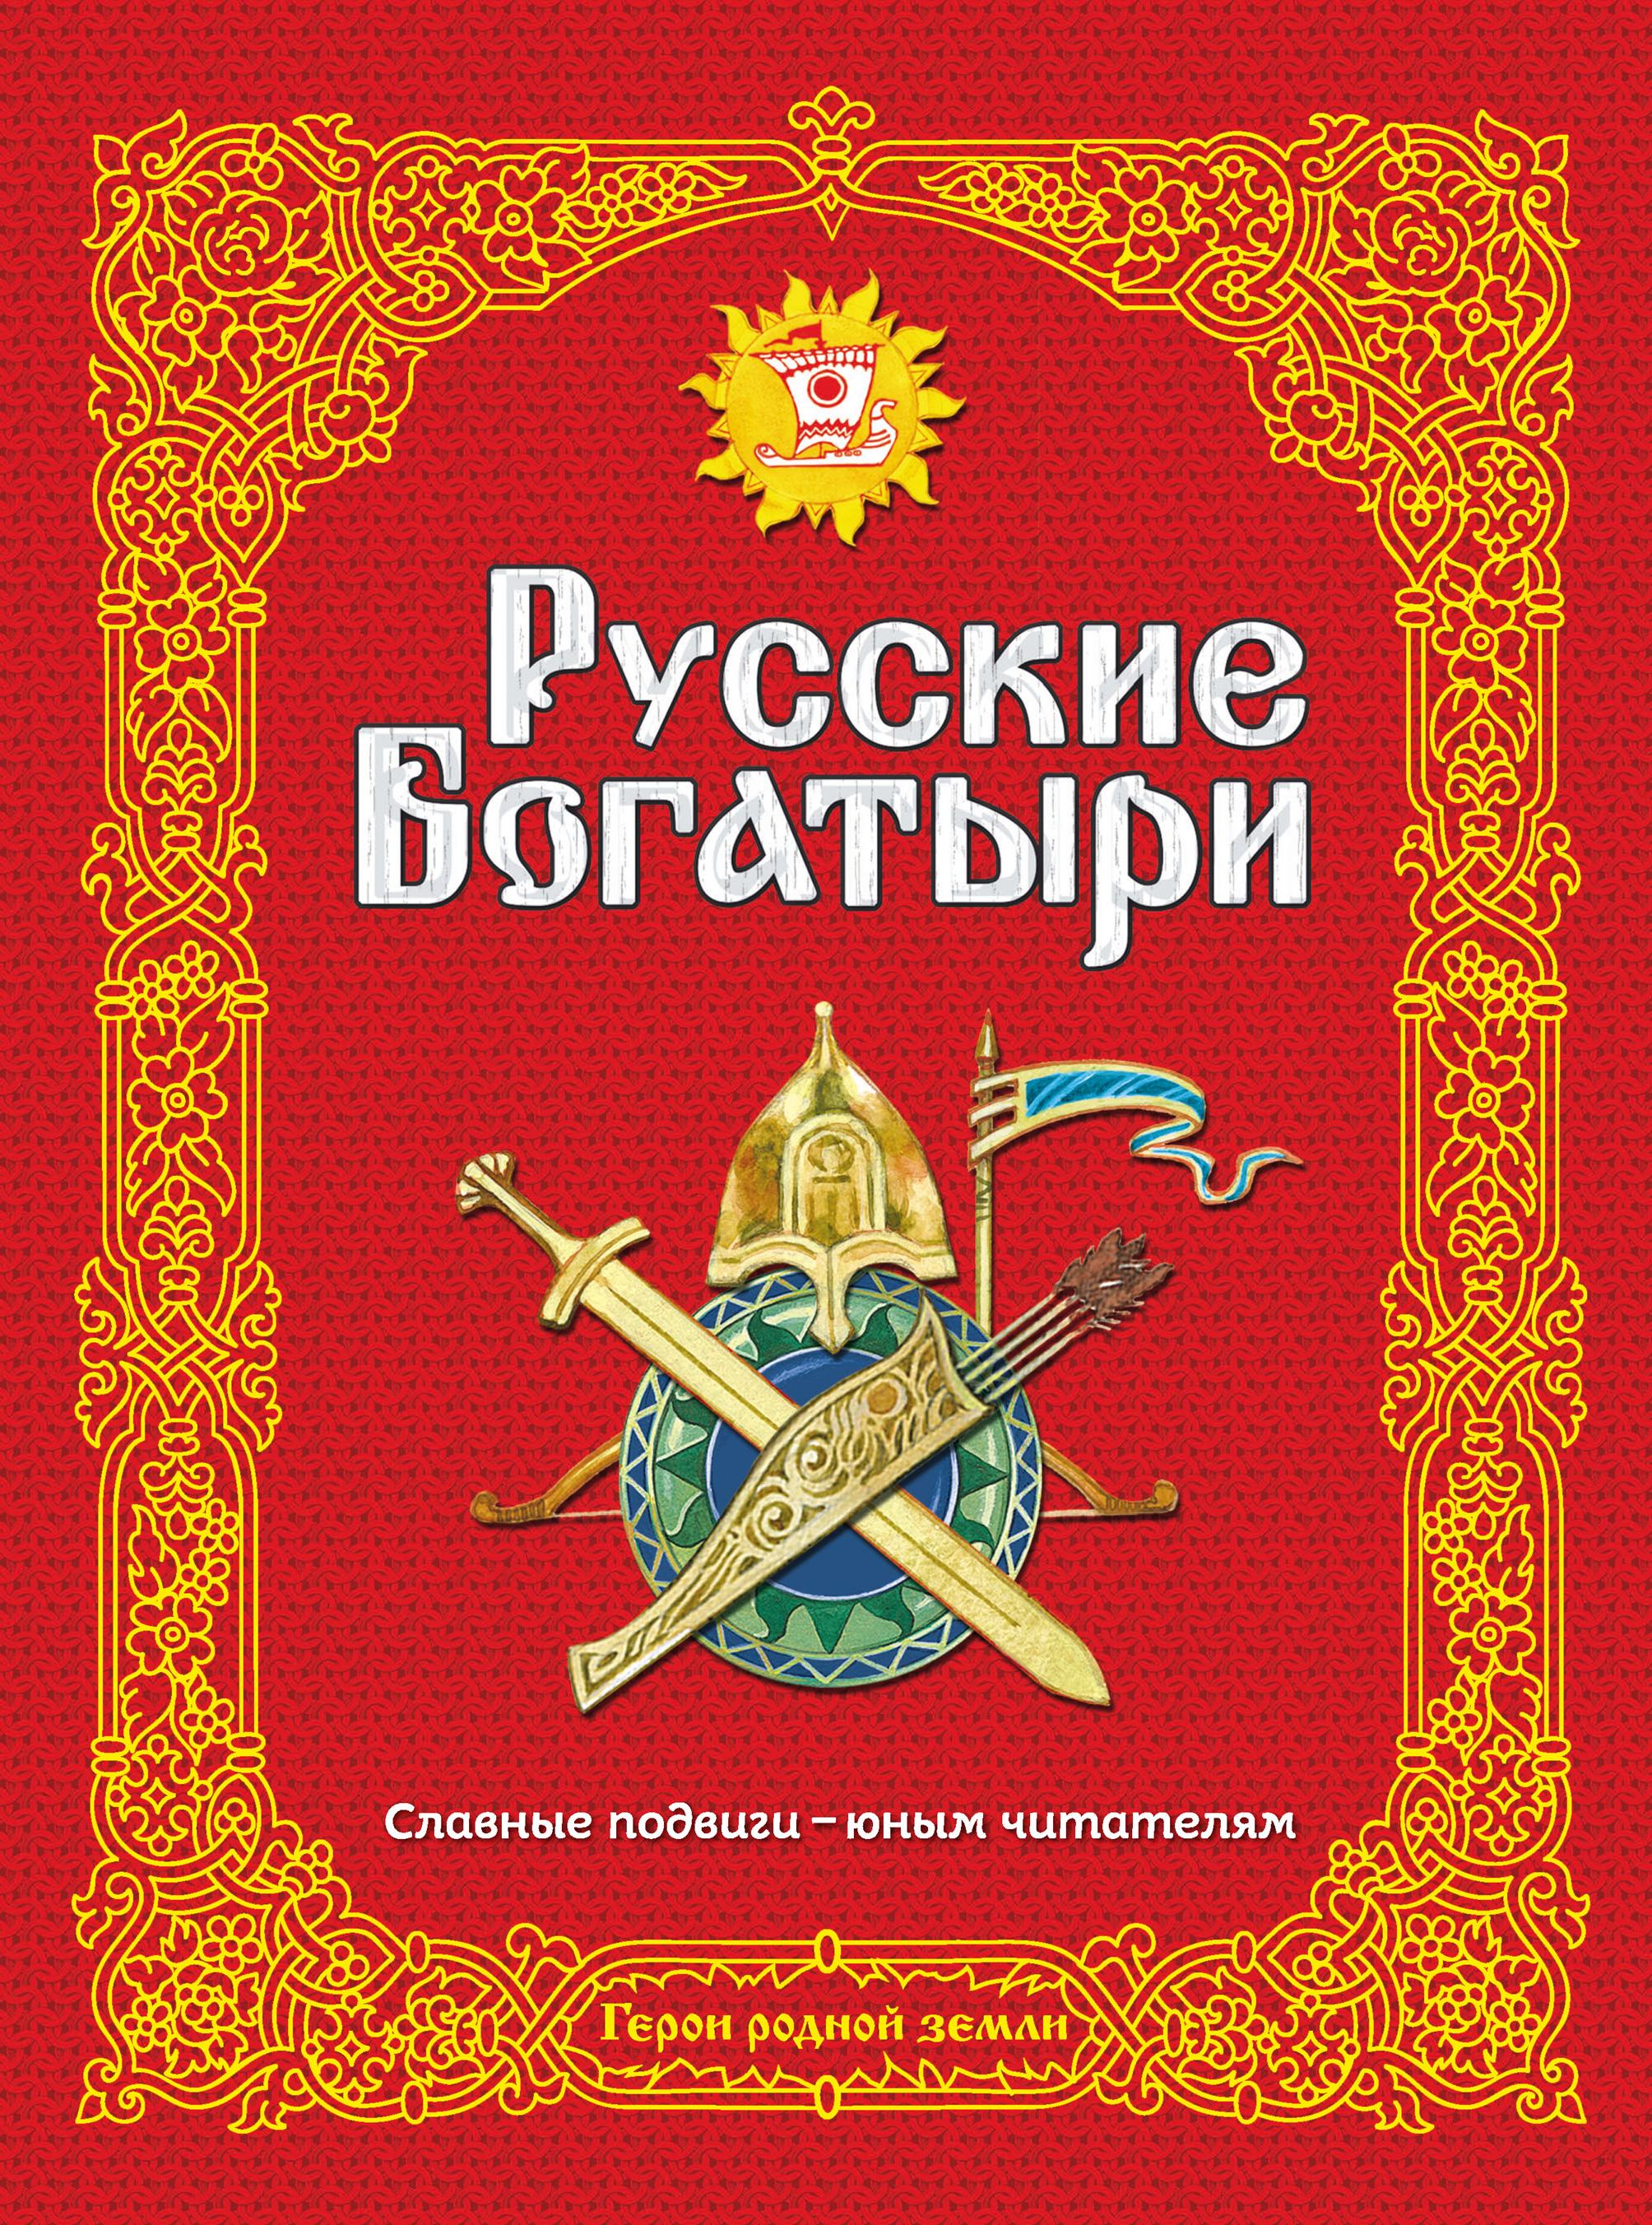 Русские богатыри. Славные подвиги – юным читателям